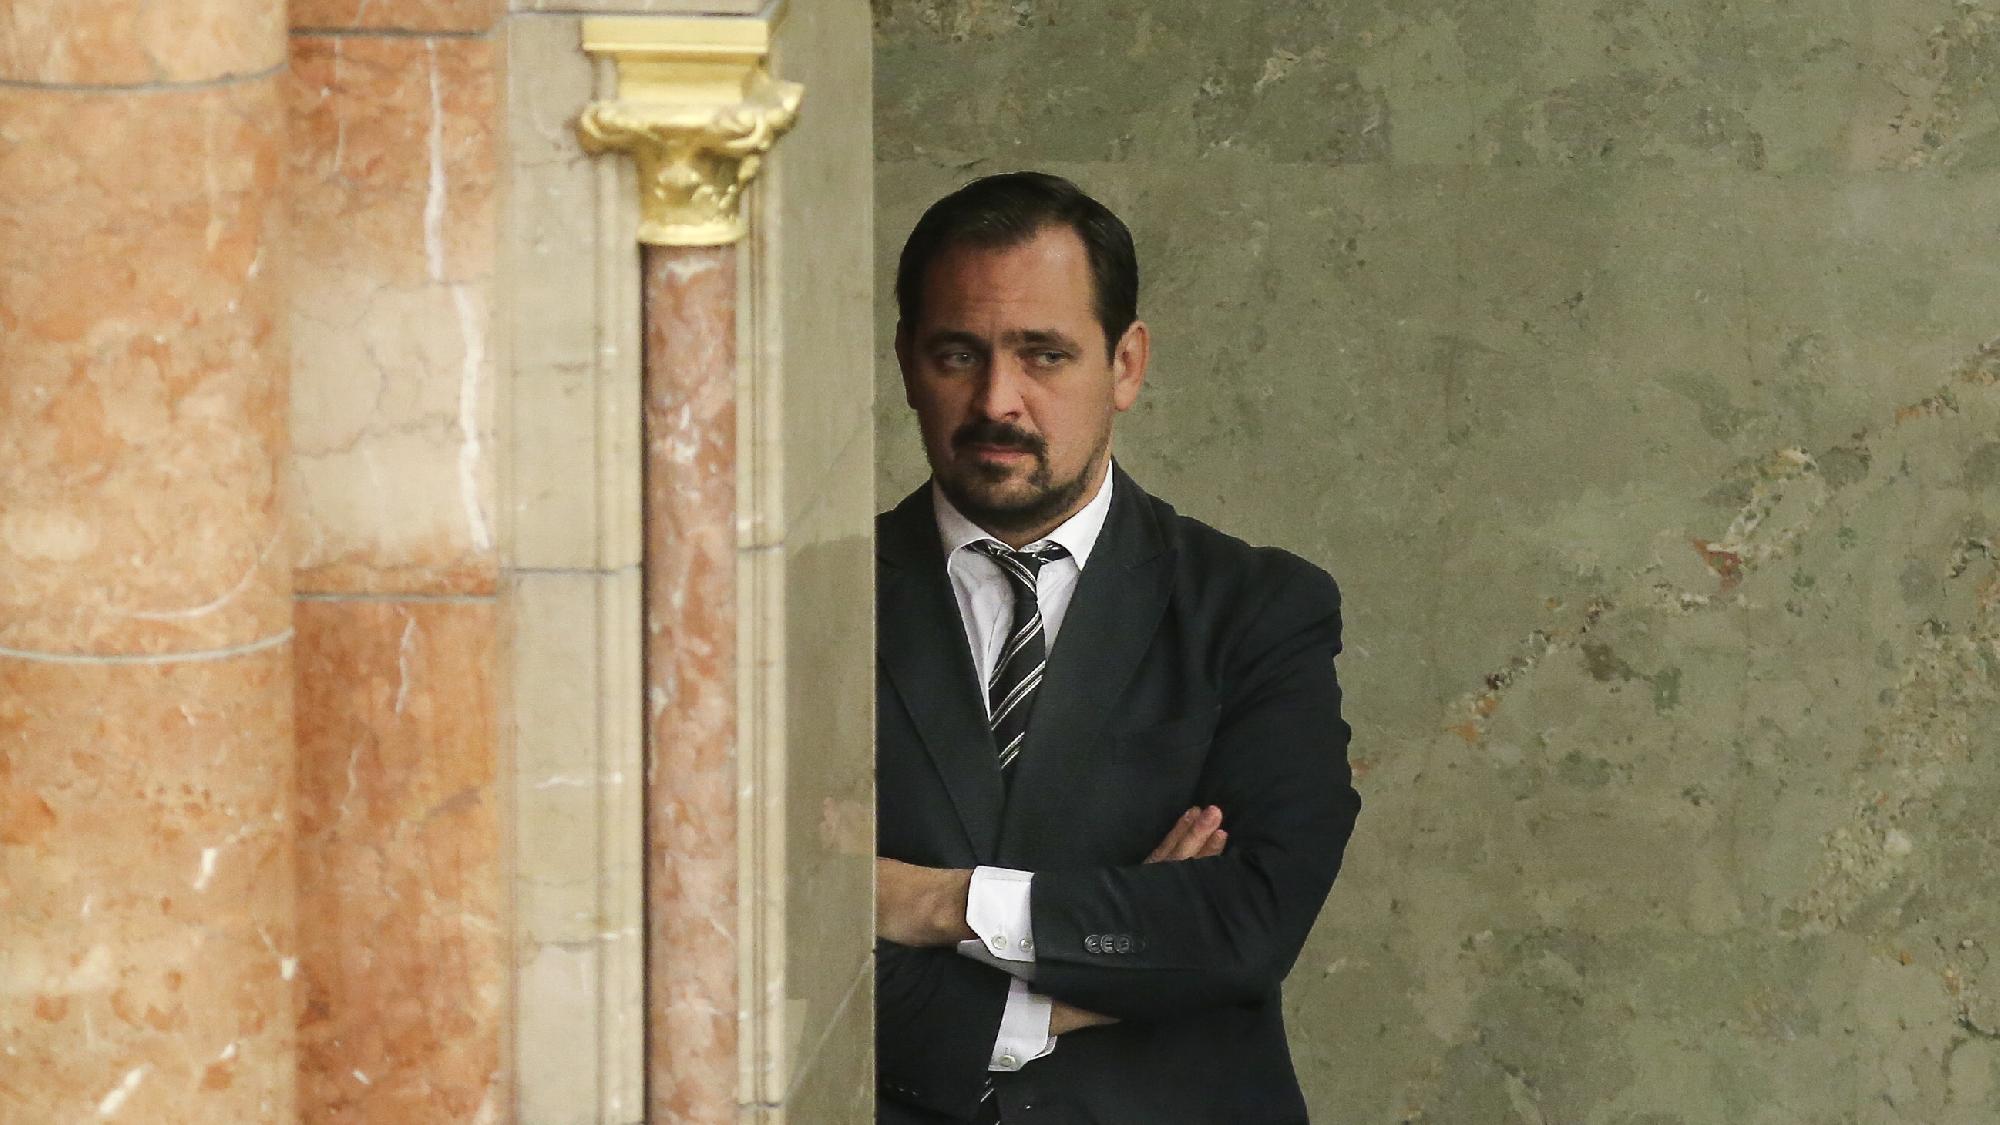 Ehemaliger Fidesz-Abgeordneter wegen Korruption zu drei Jahren Gefängnis verurteilt post's picture